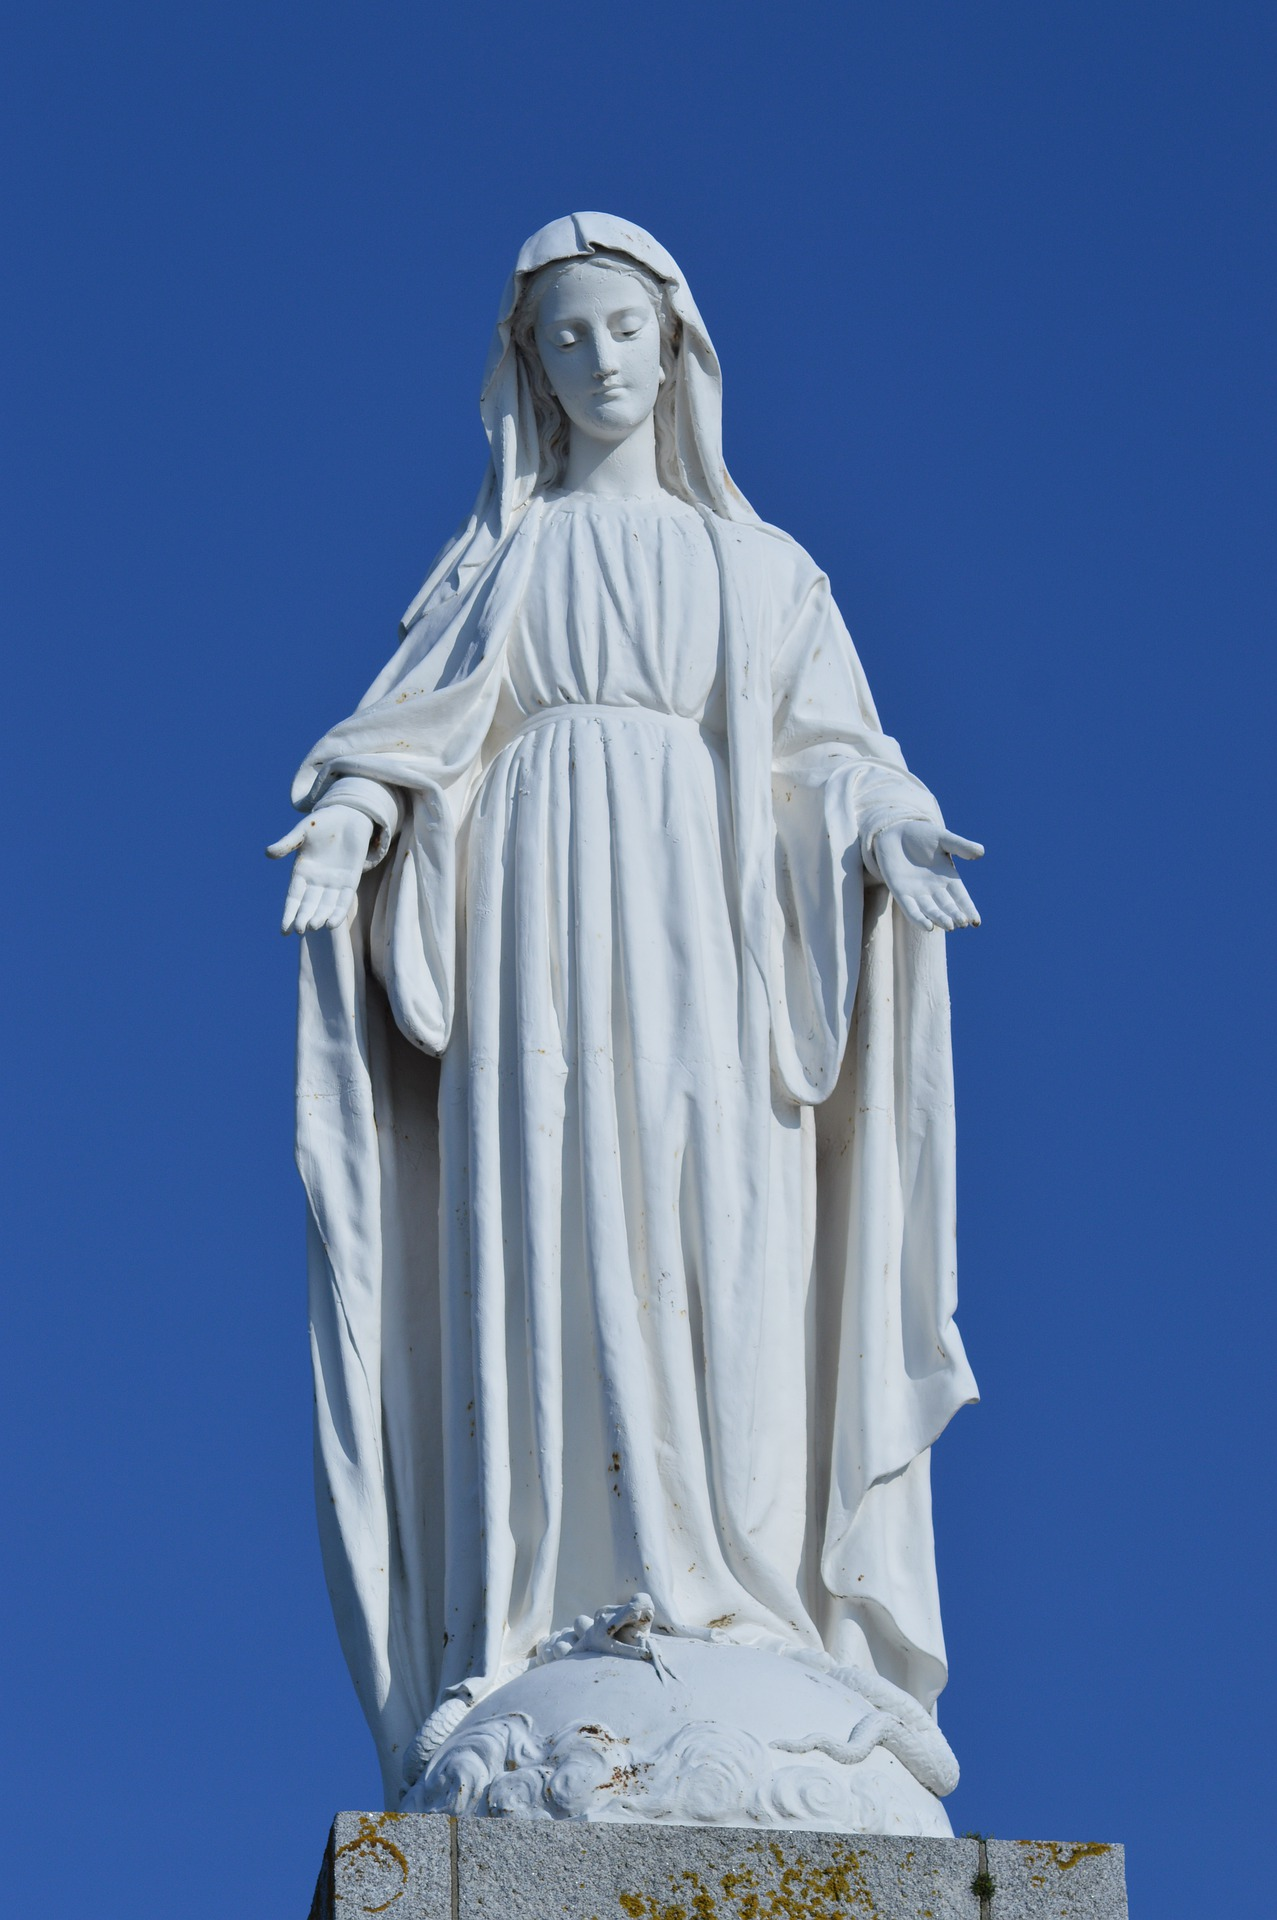 Signes religieux : résurrection de la loi de 1905 dans la commune de Saint-Pierre-d'Alvey